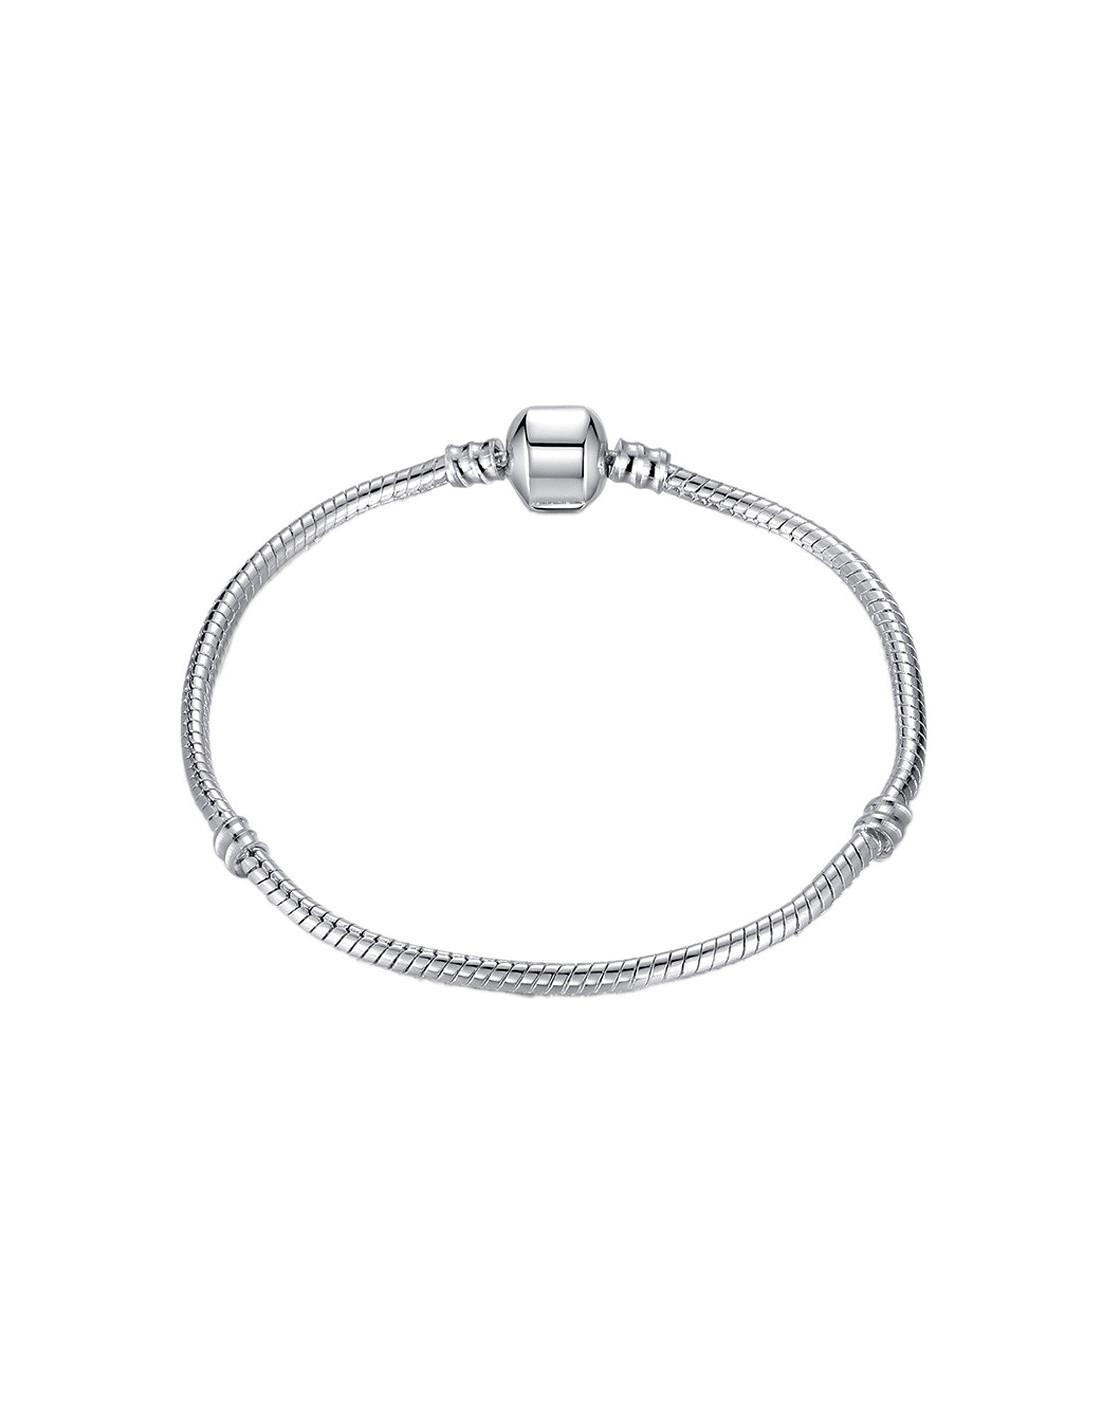 vânzare la cald cel mai bun angrosist noi de înaltă calitate Bratara tip Pandora placata cu argint, snur simplu